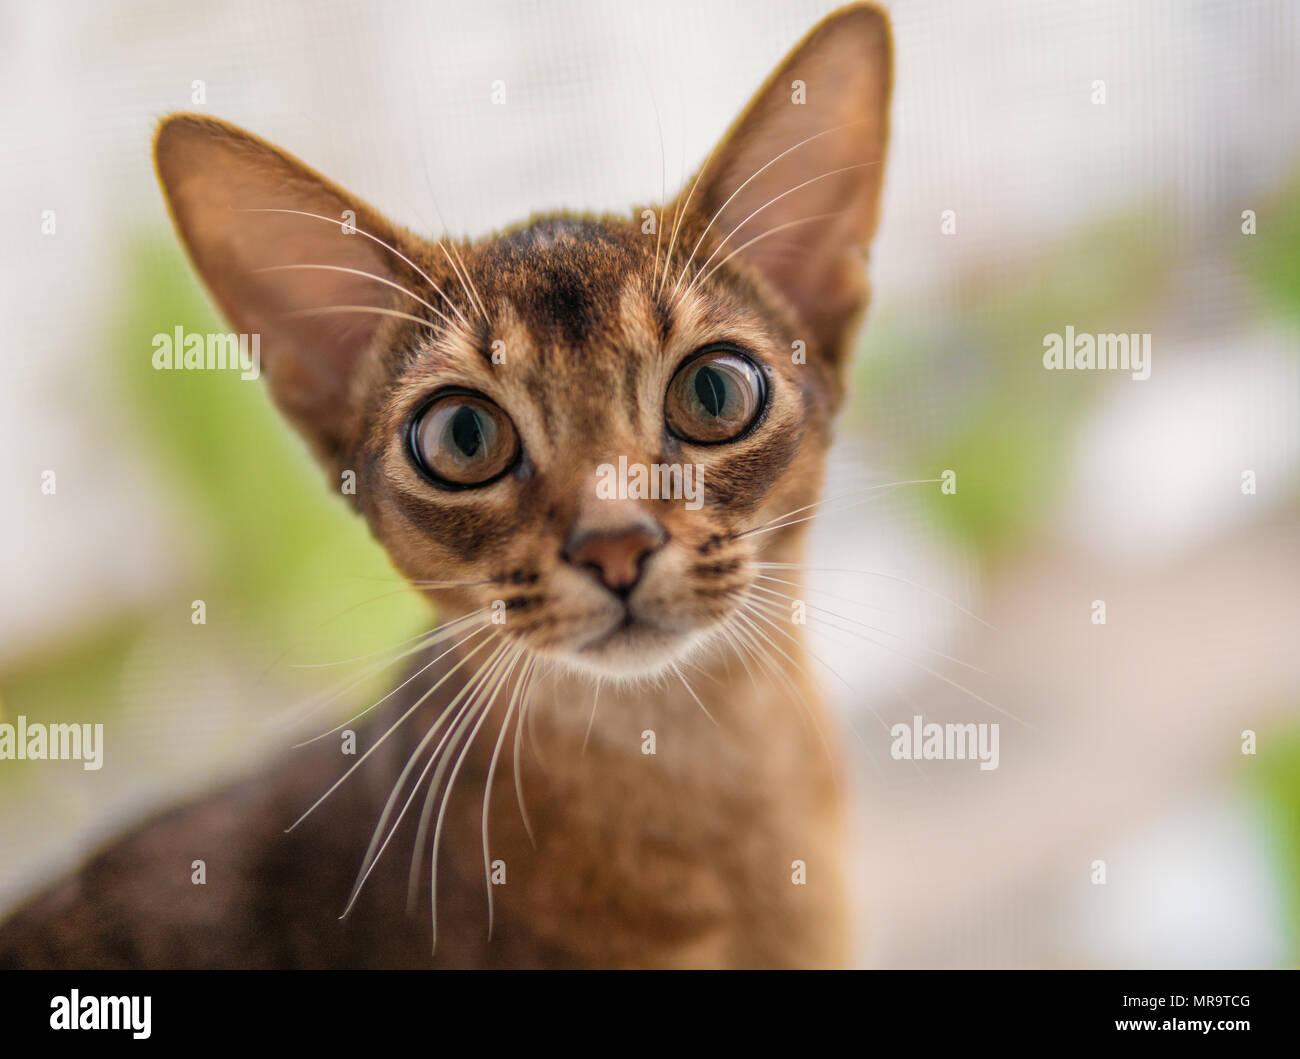 Vista ingrandita del gatto abissino o gattino seduto sulla finestra Immagini Stock